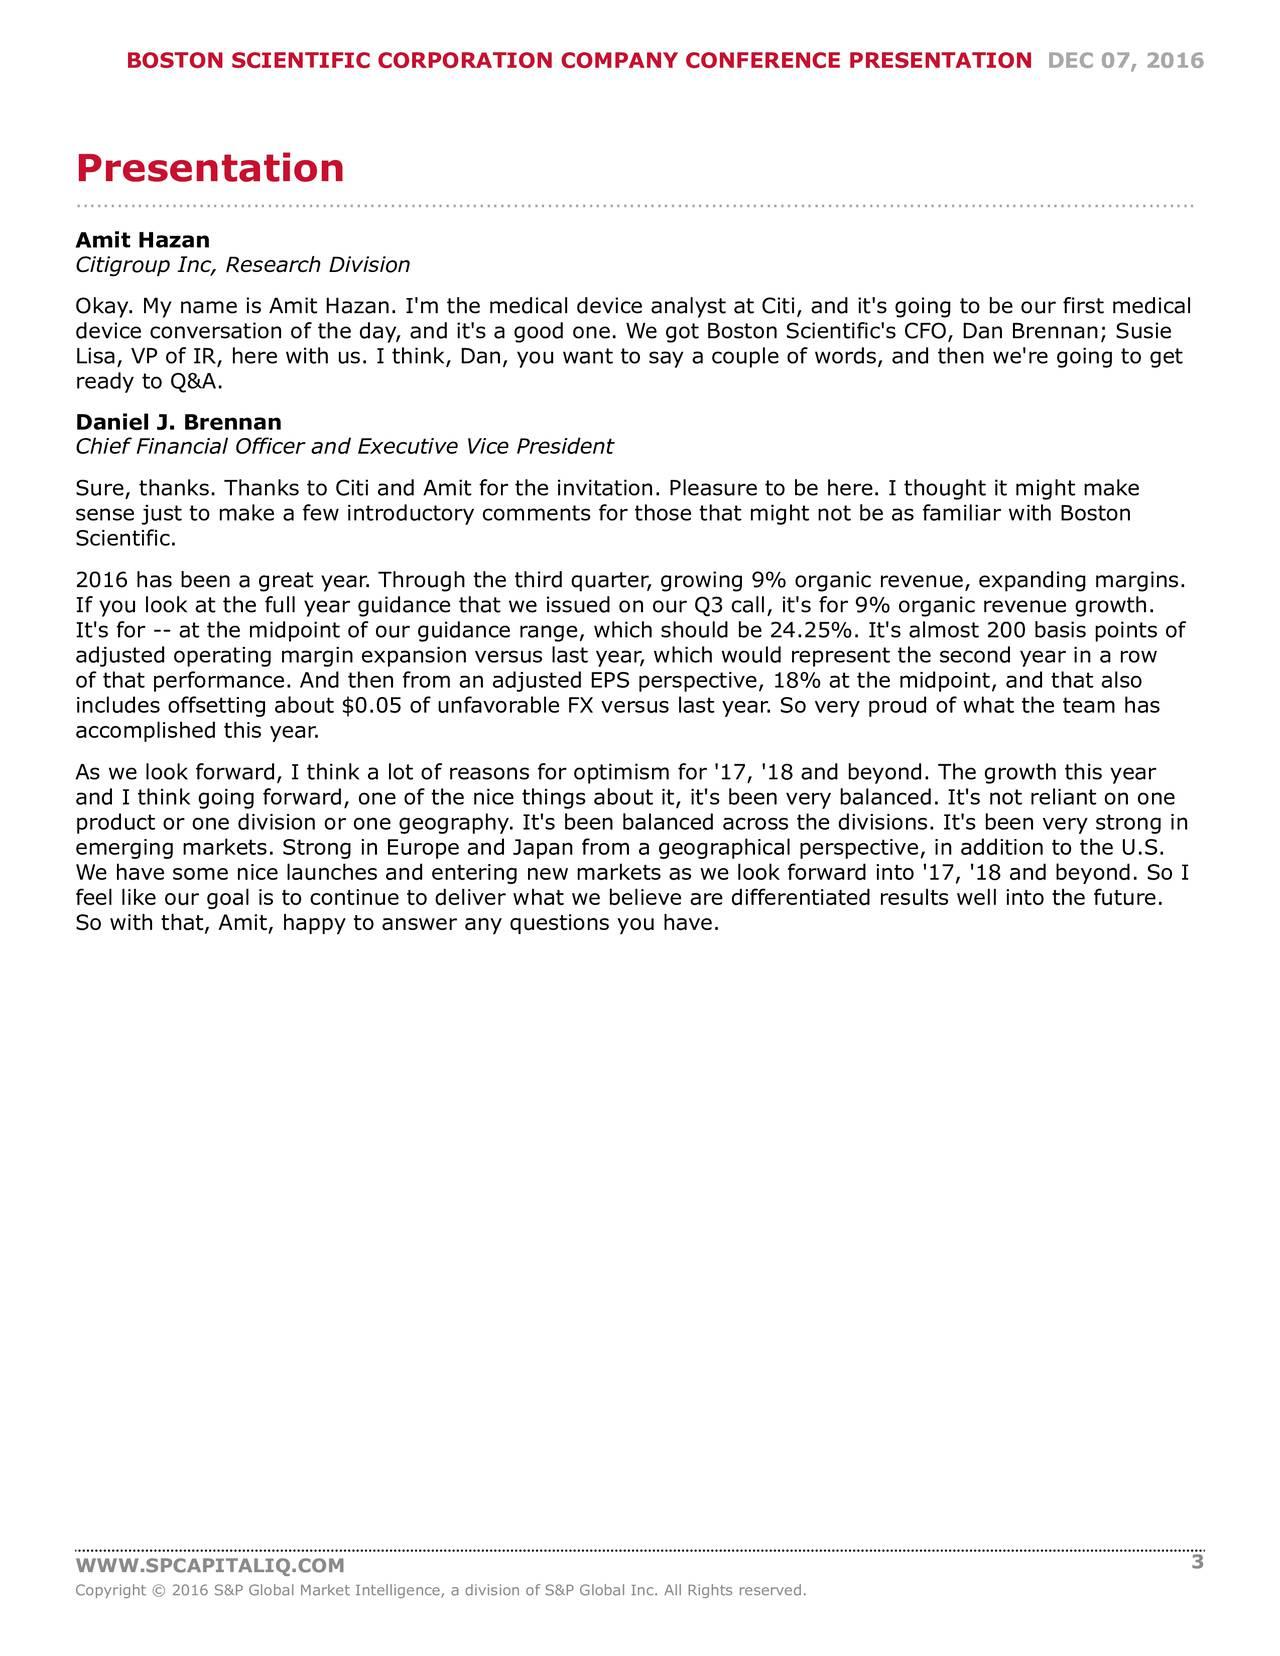 Boston Scientific (BSX) presents at Citi Global Healthcare ...